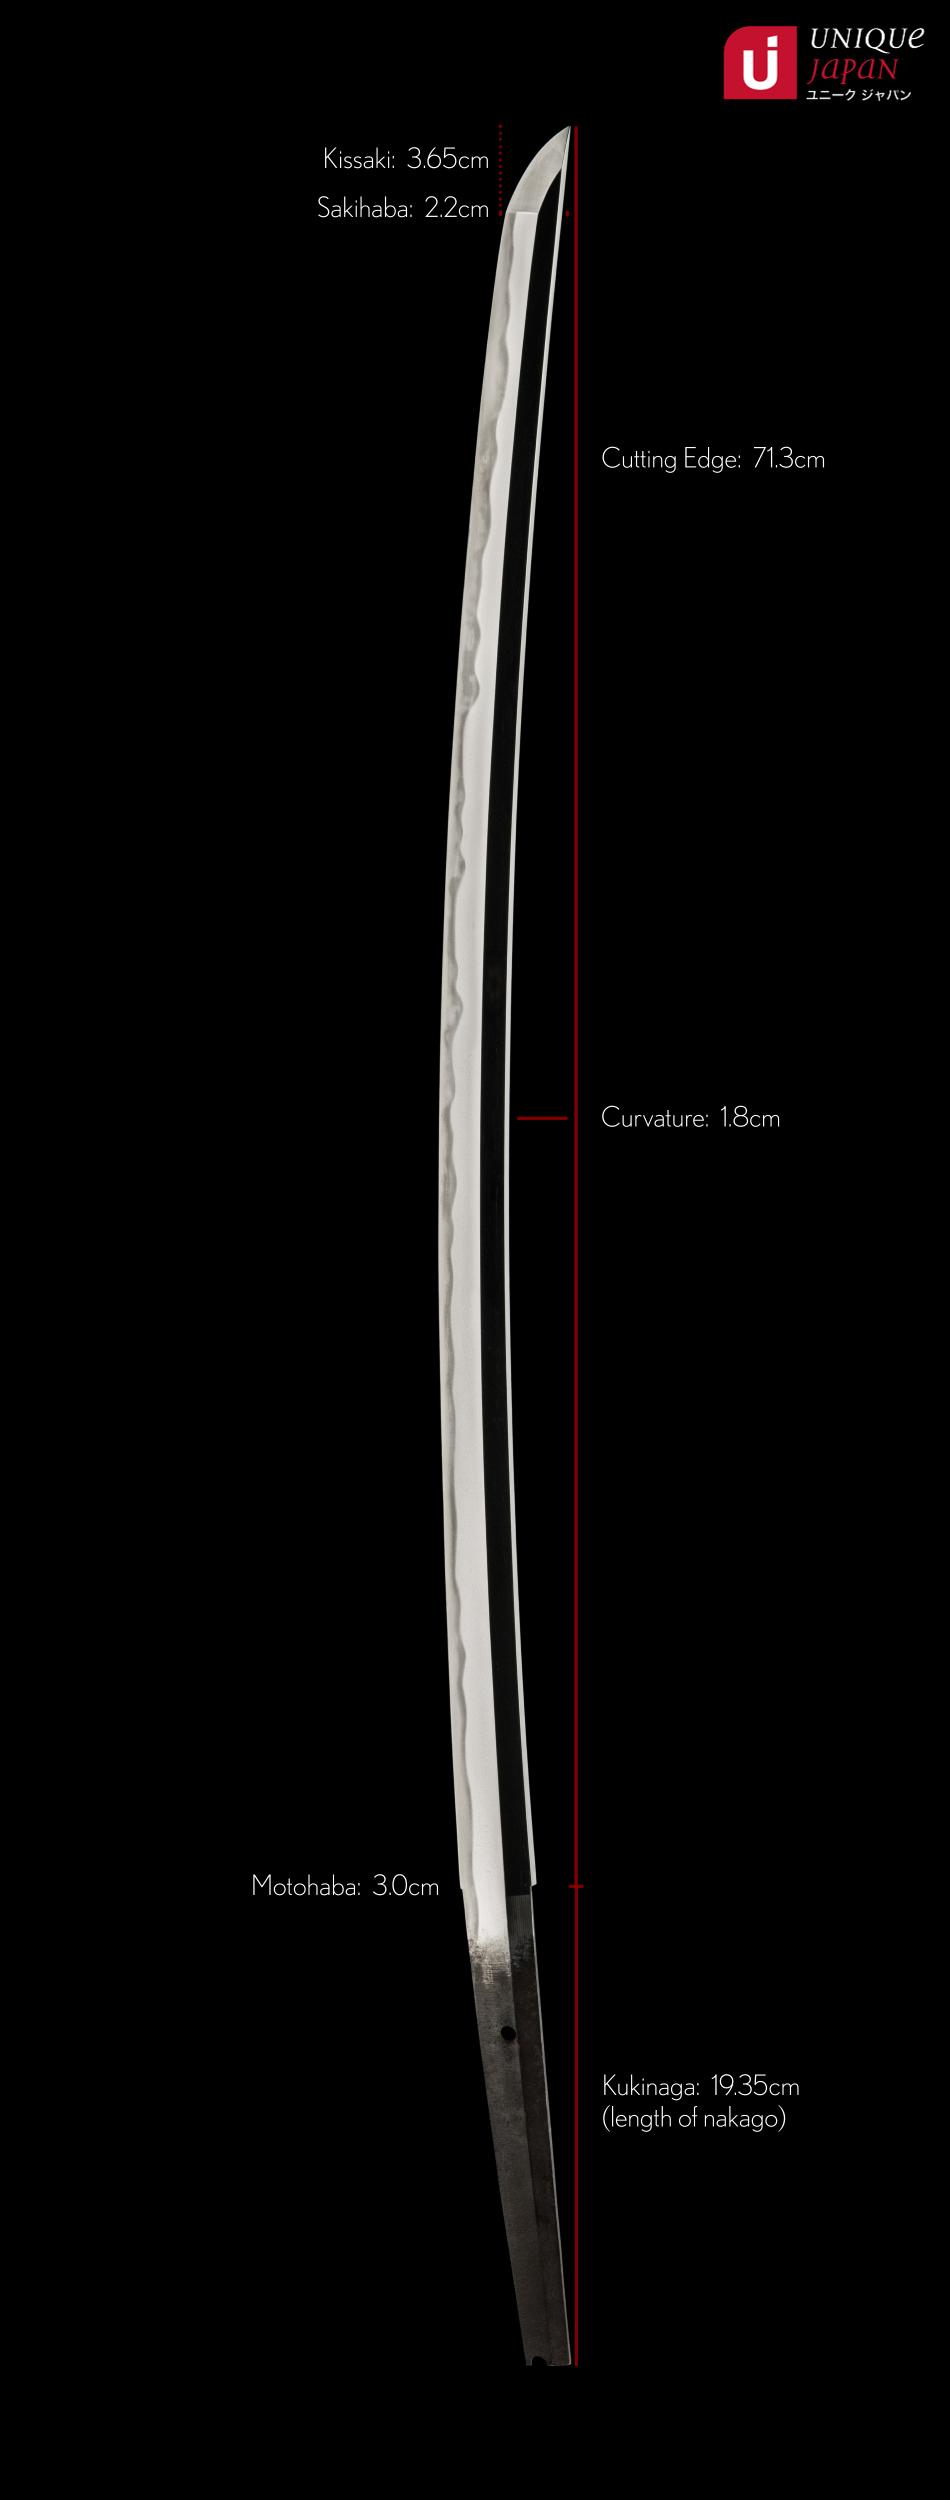 ujka138 - A Yamato Shizu Katana - 19th Juyo Token - Measurements